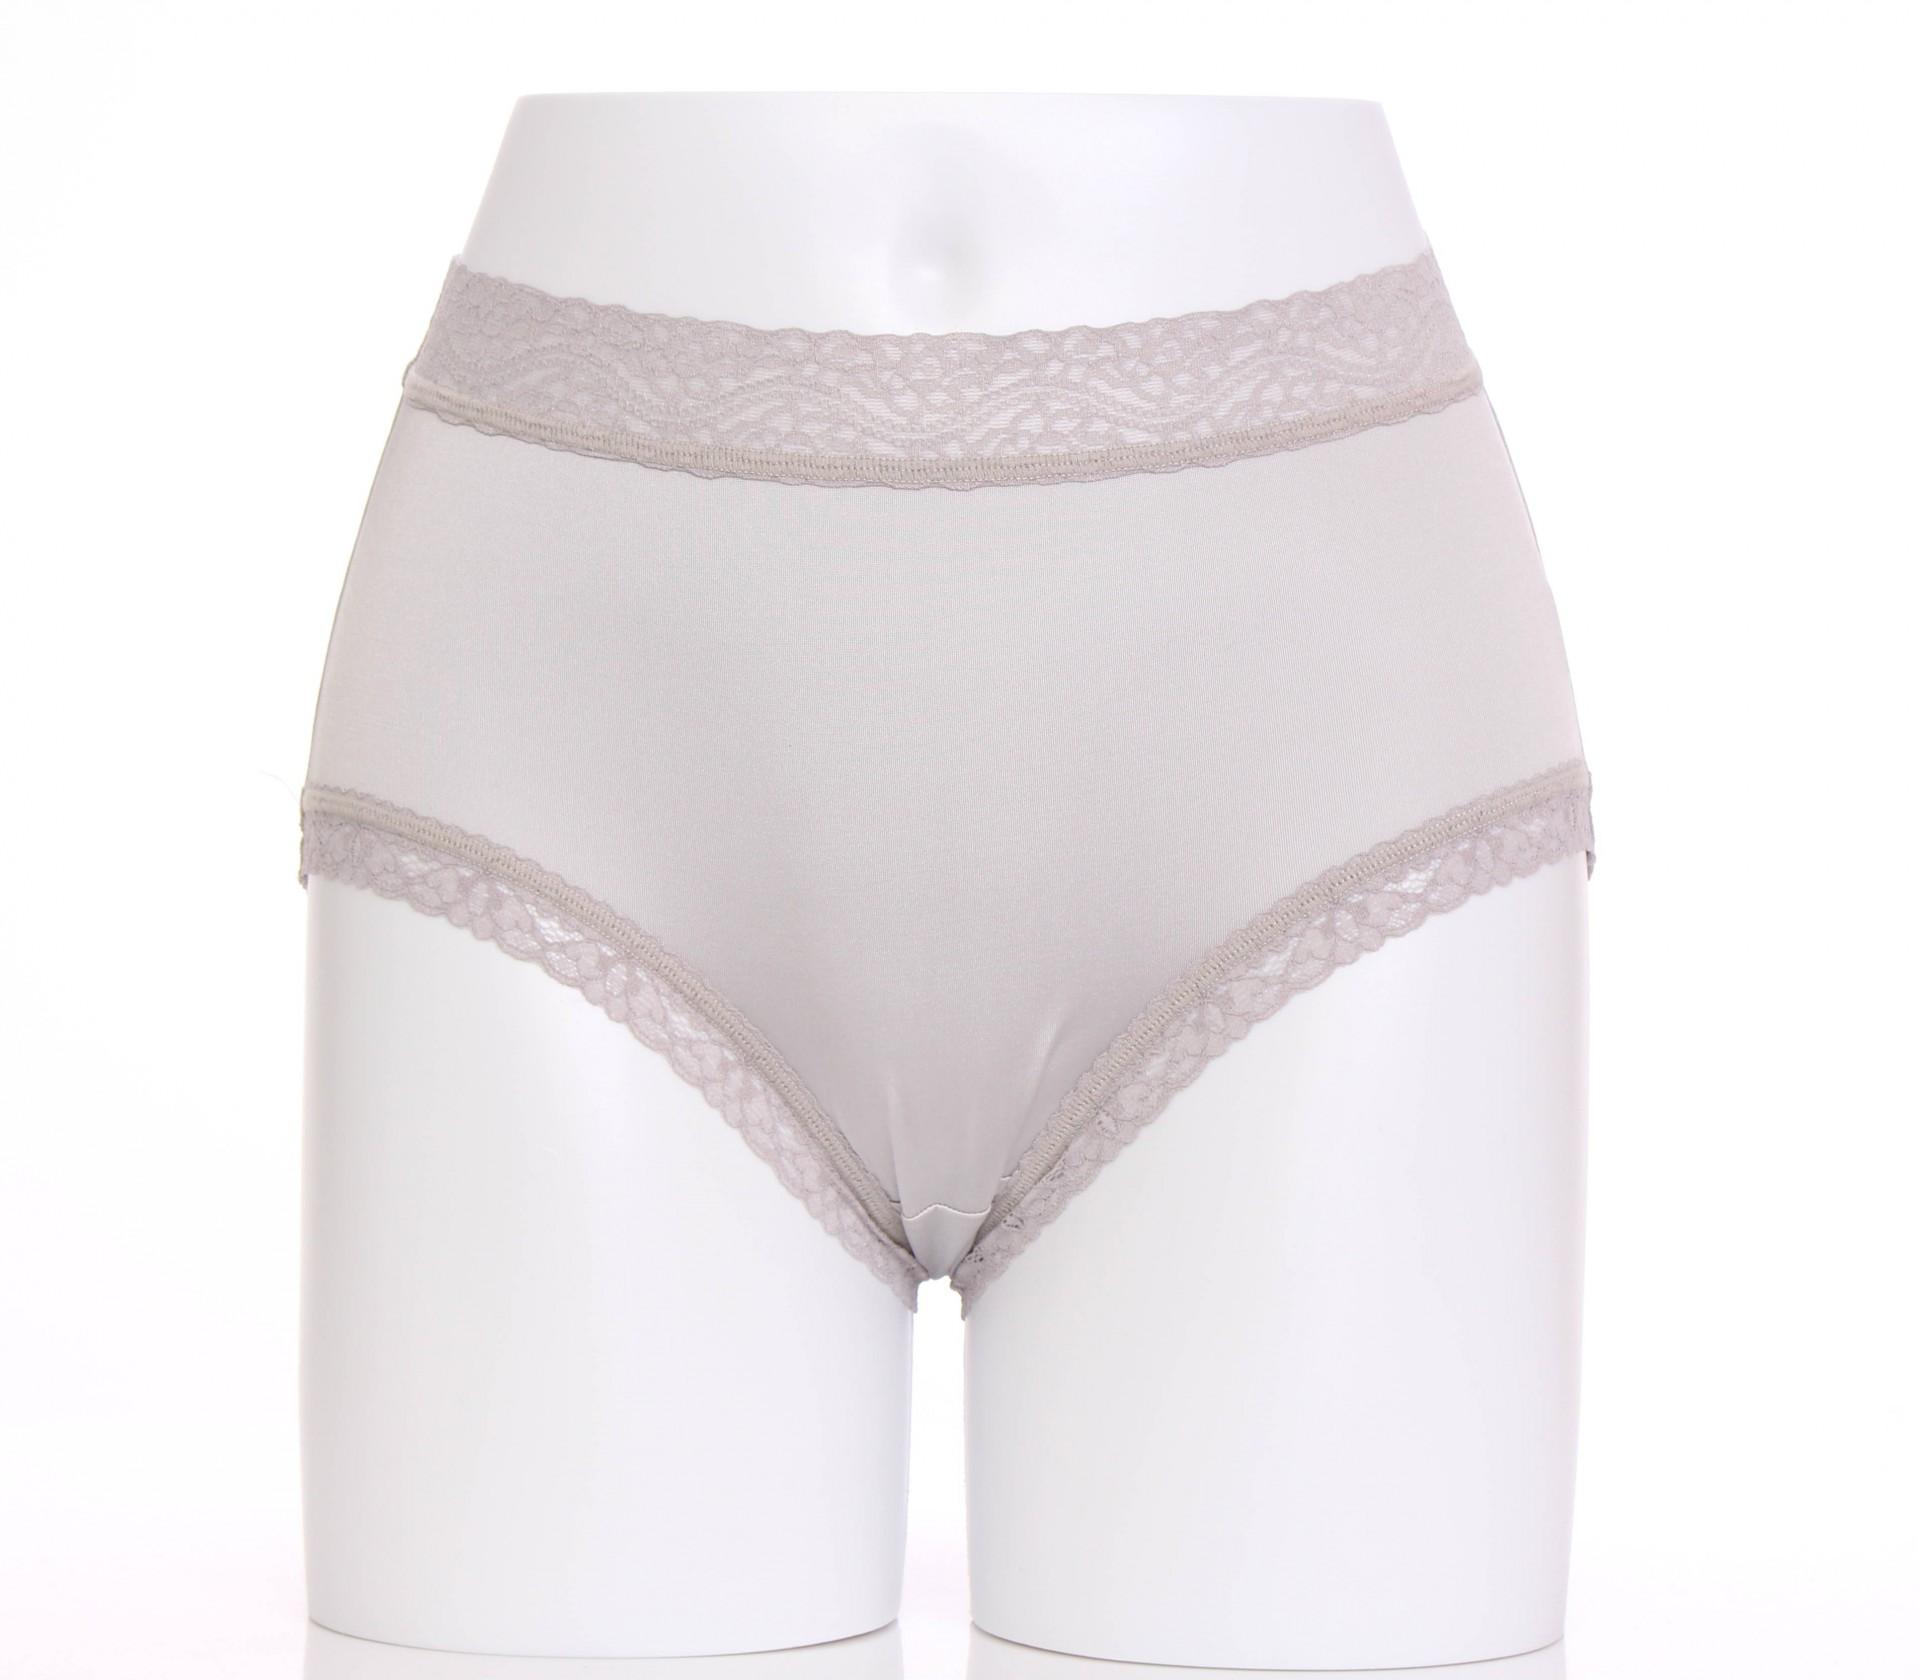 闕蘭絹精緻高密度100%蠶絲內褲-88791(灰)